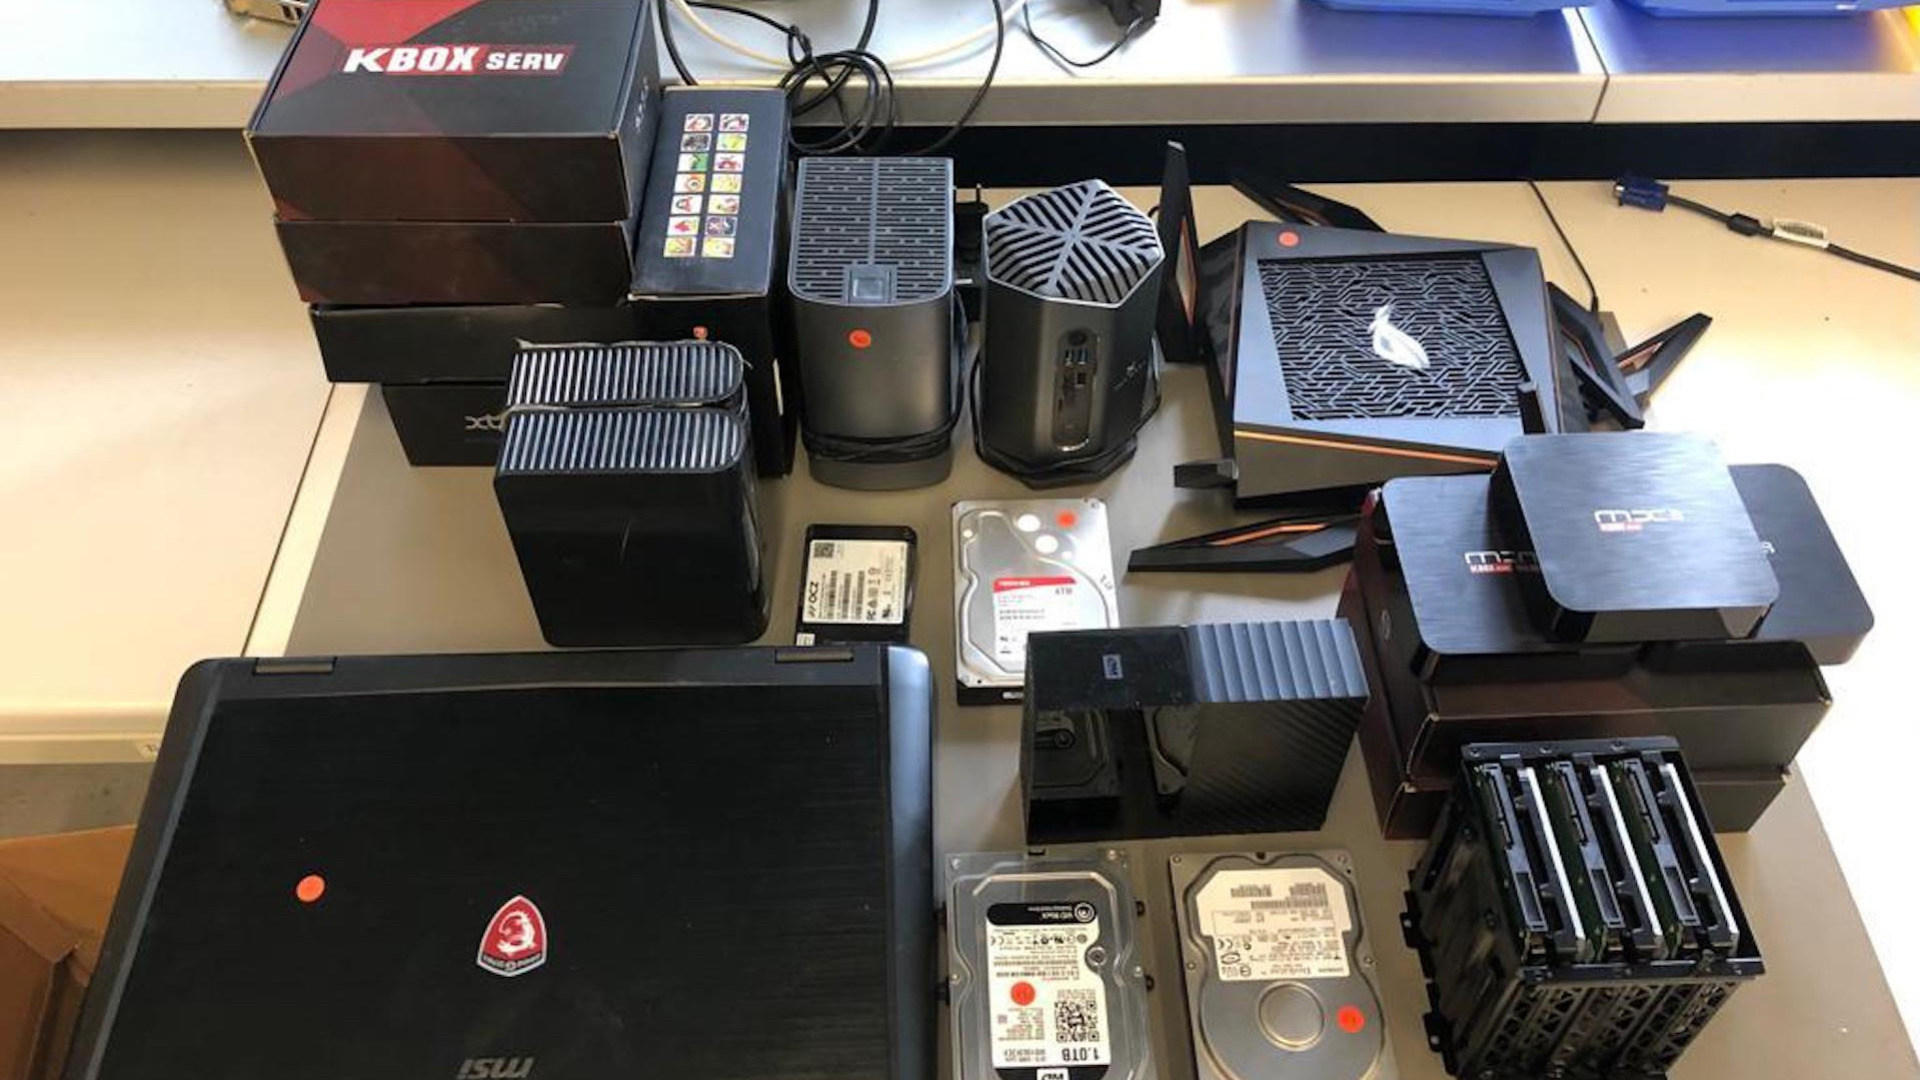 Beschlagnahmung, Streaming-Box, KBOX Serv, Beweismittel